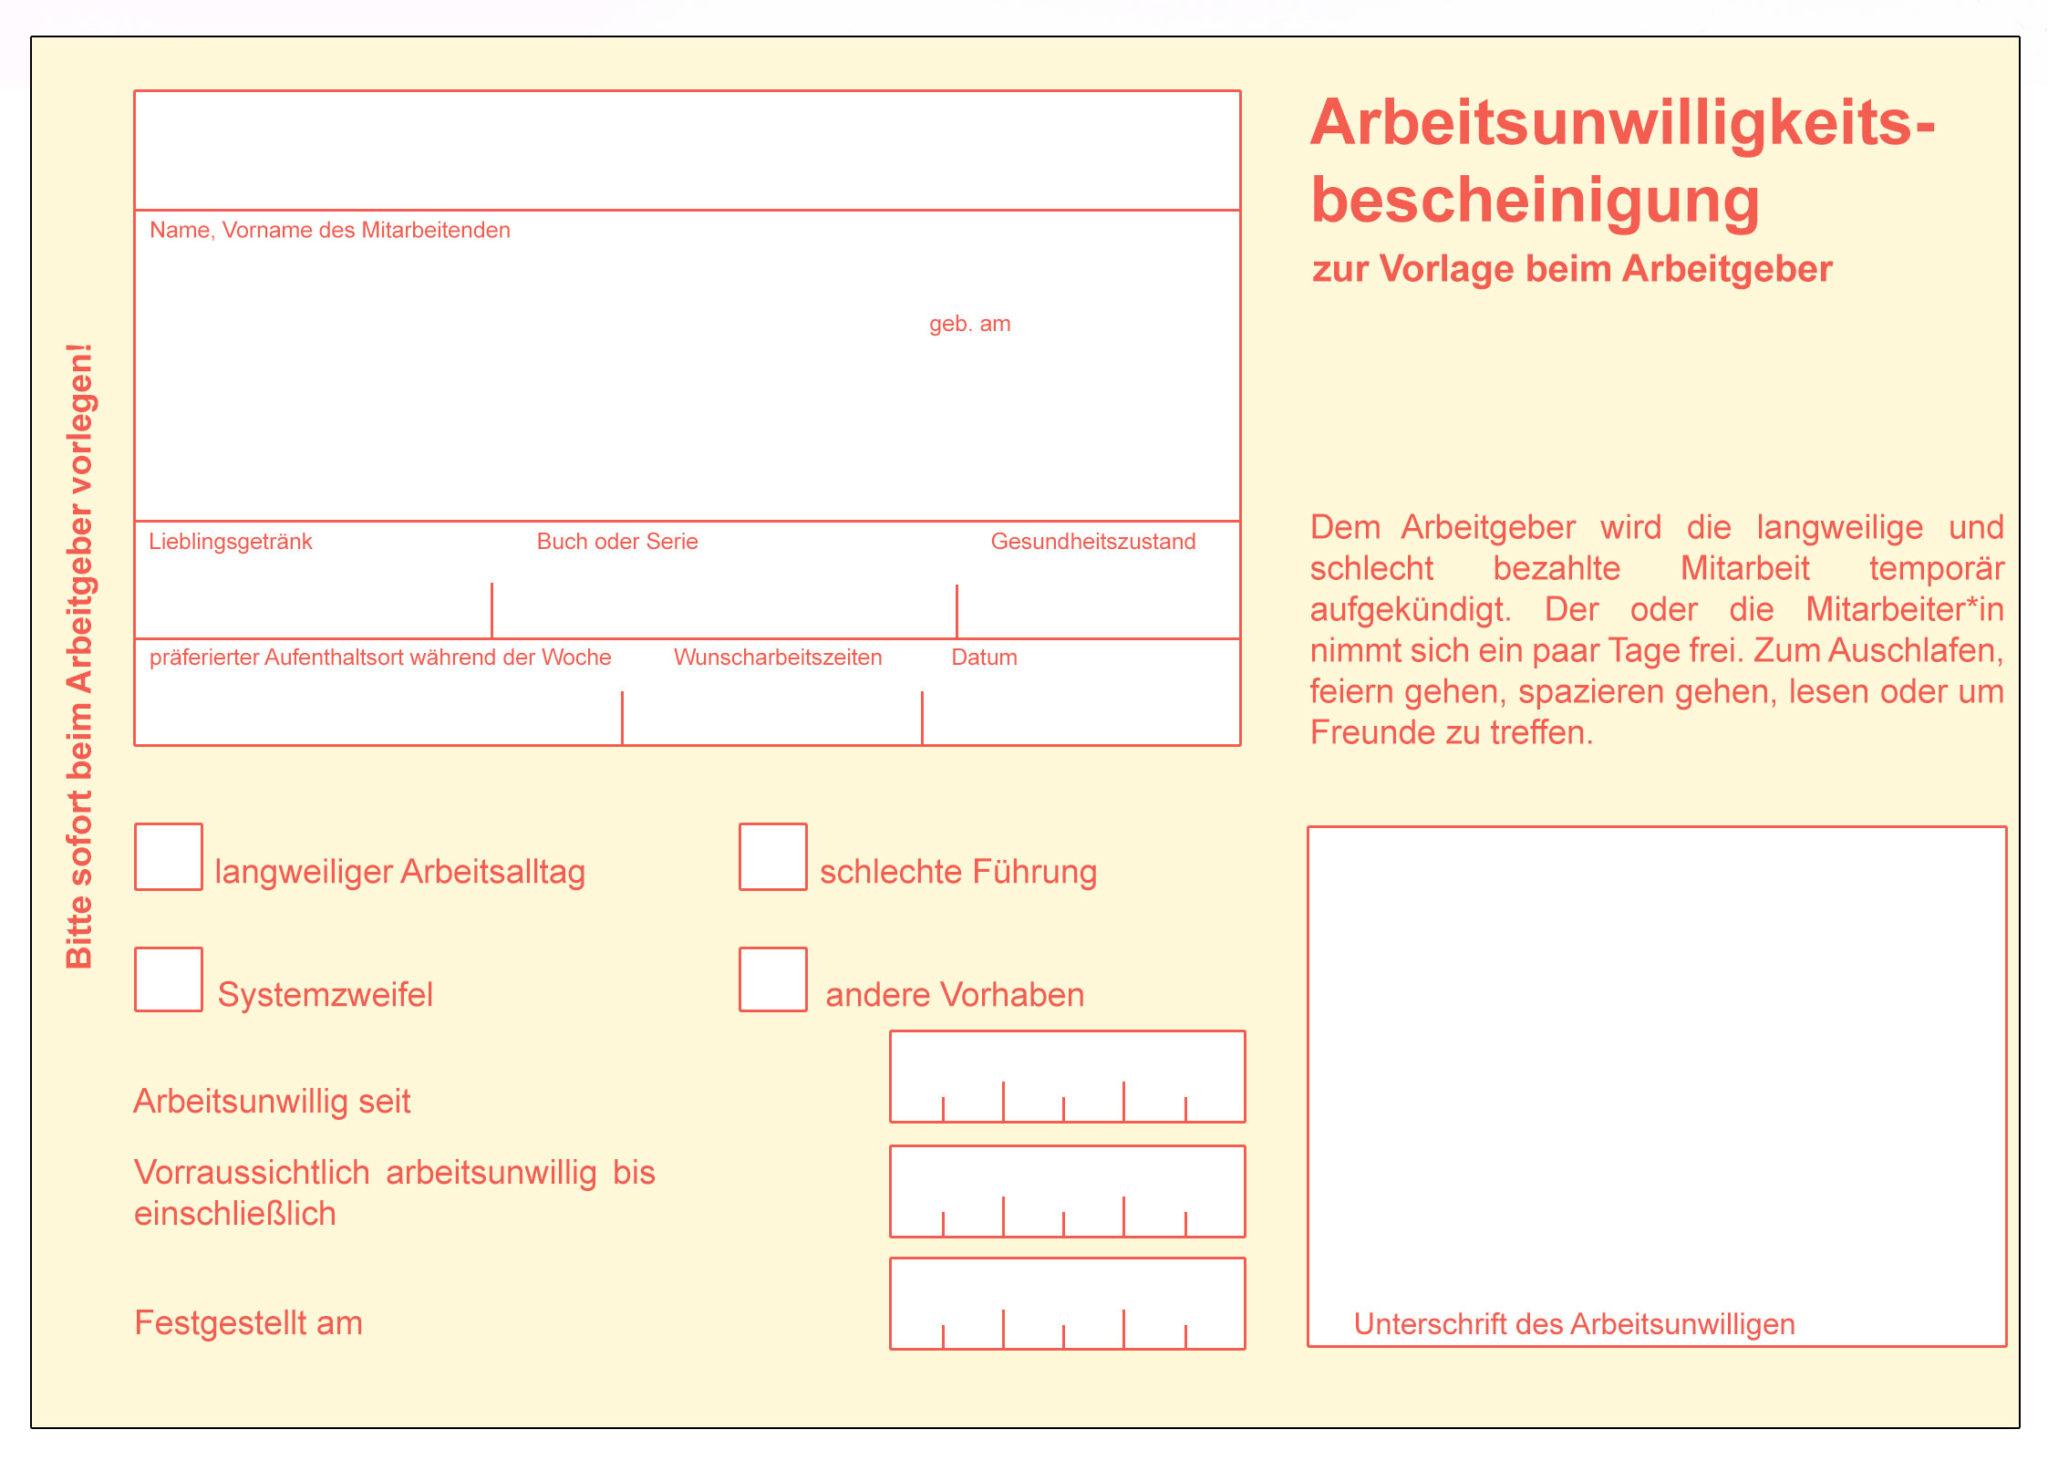 Ungewöhnlich Dinge Zu Tun Vorlagen Ideen - Entry Level Resume ...